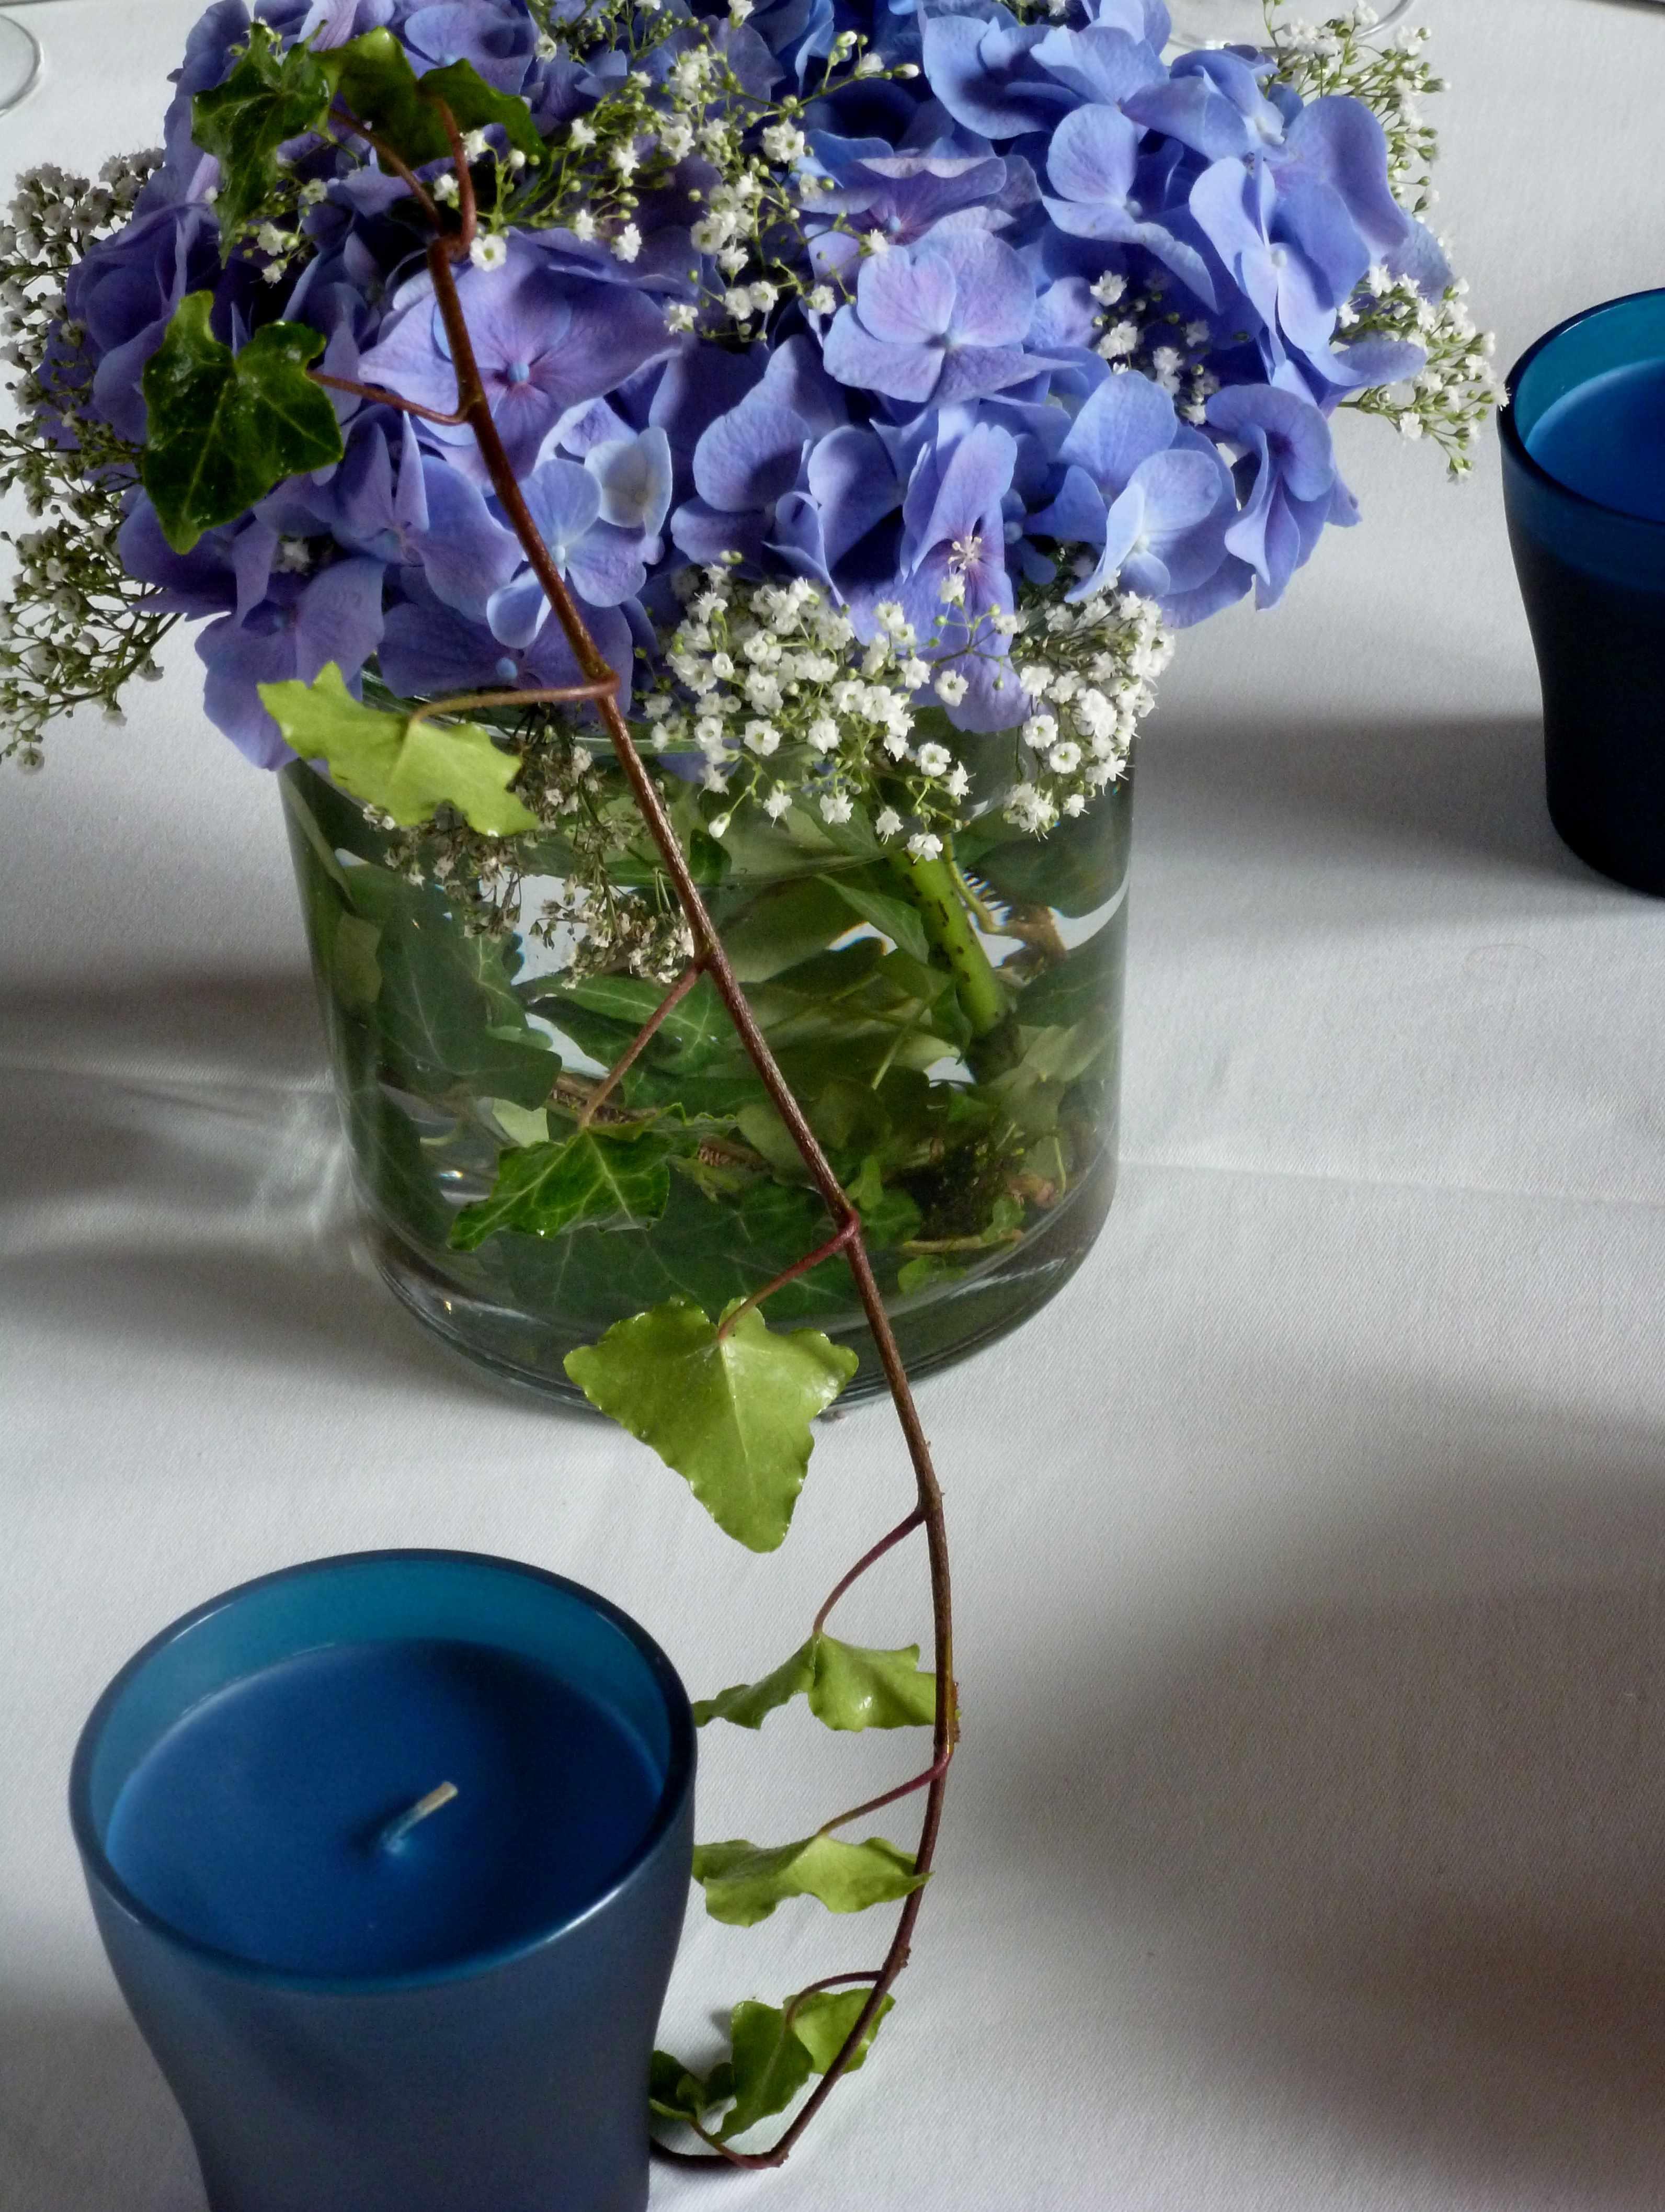 bouquet-mariage-bleu-horthensia-lierre-gypsophile-A-tous-les-etages